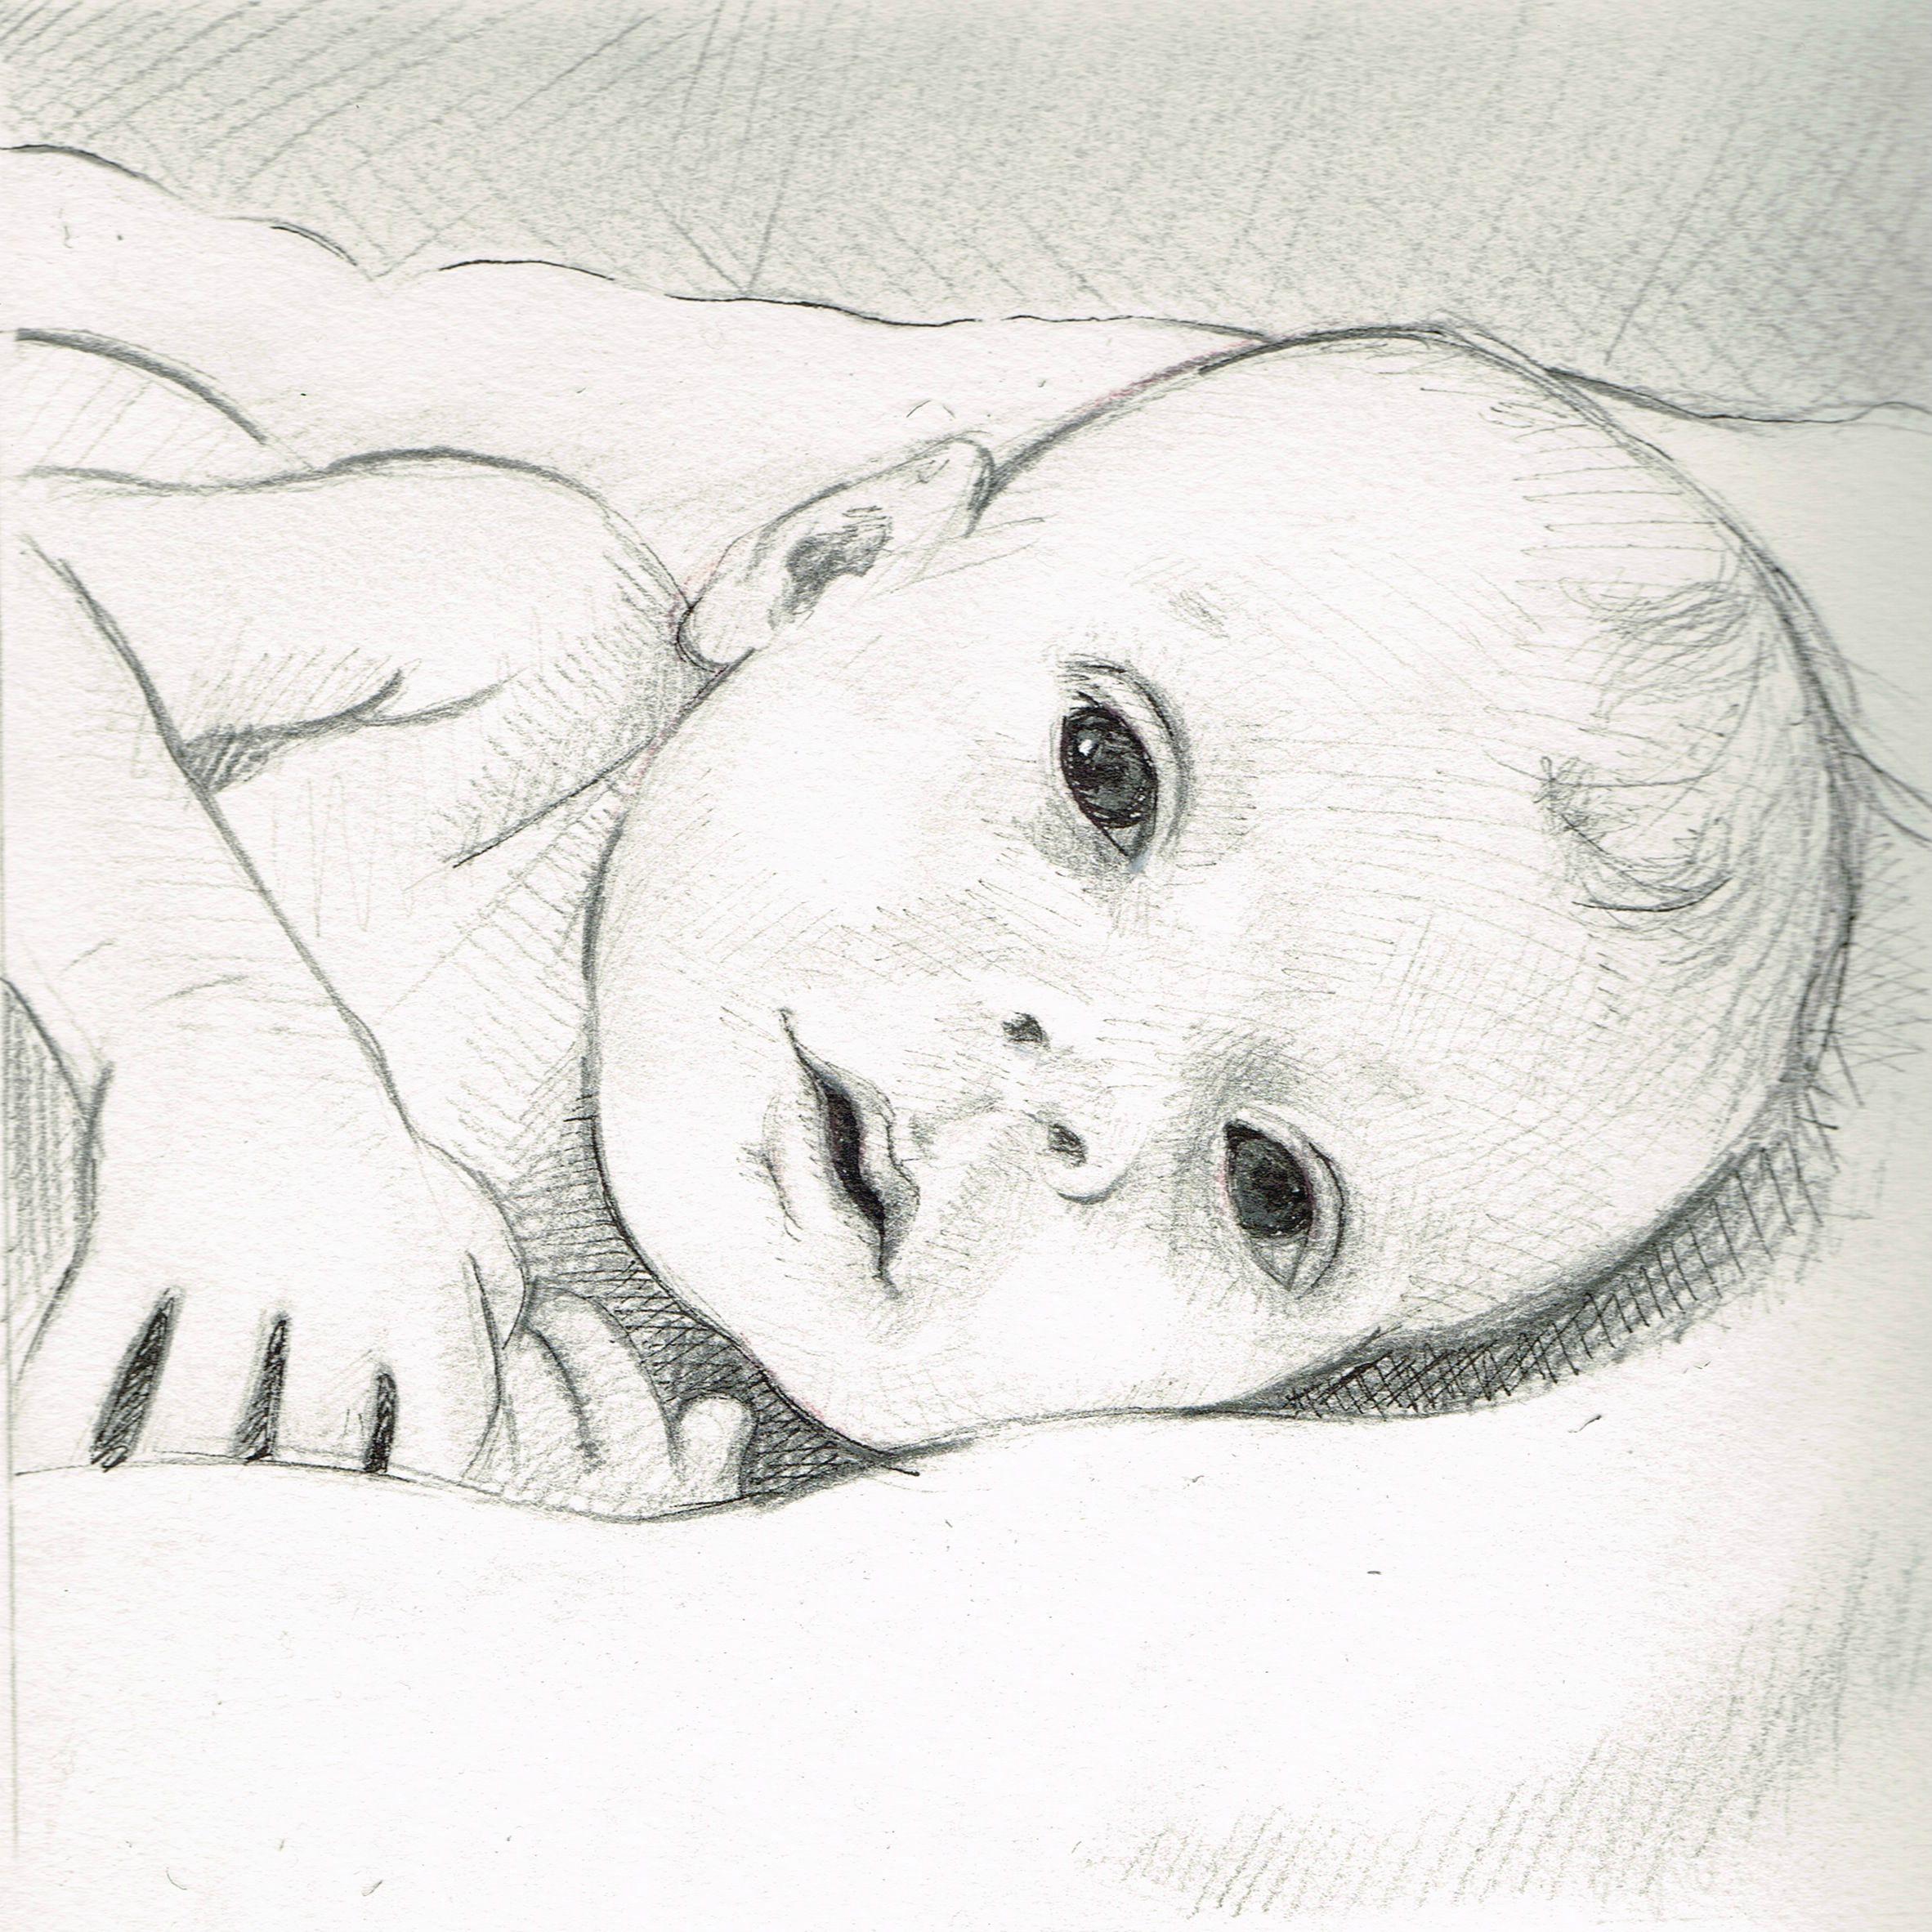 Baby sophia drawing | Sheknows.com